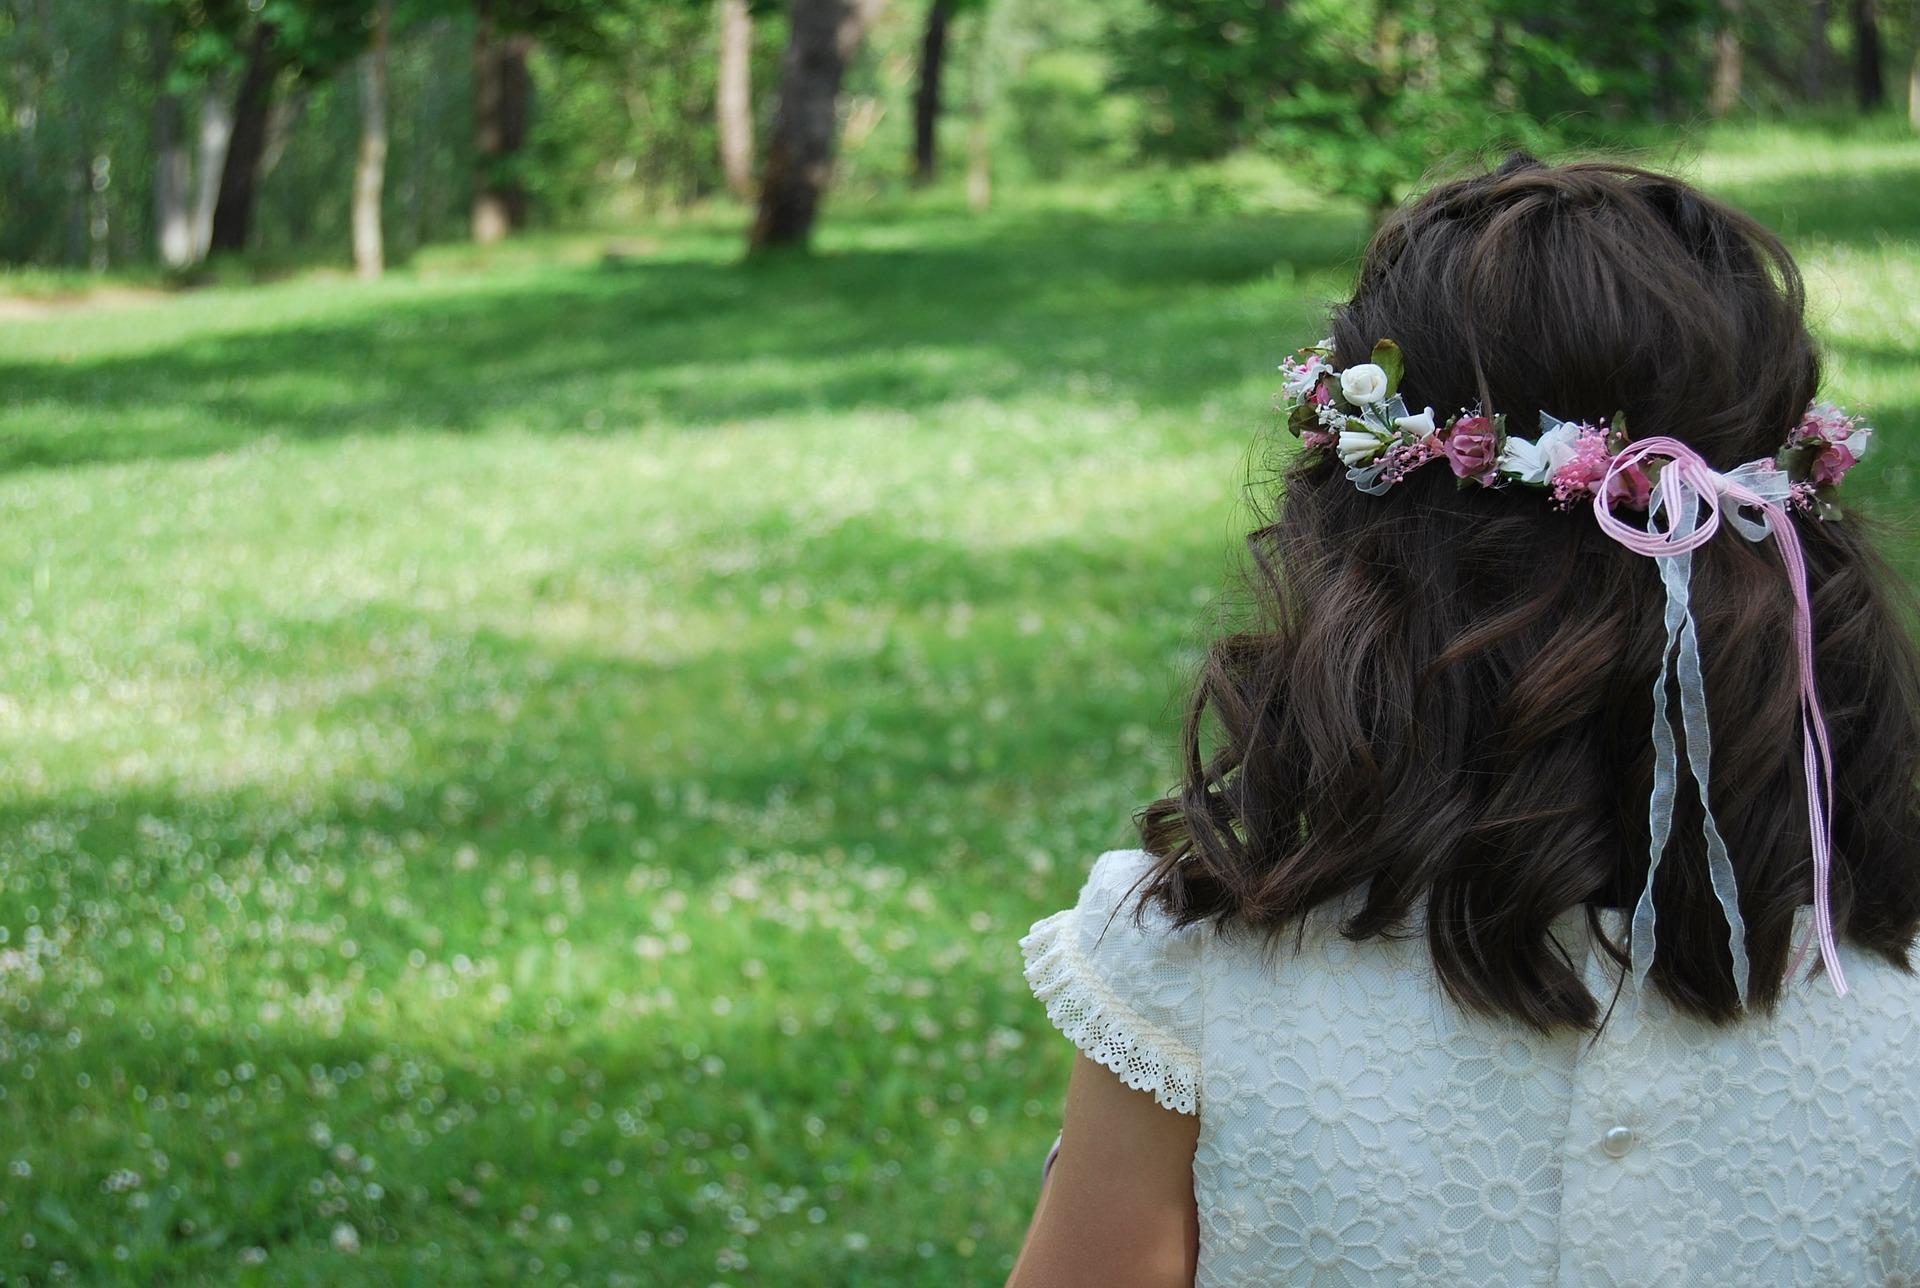 girl-1423787_1920.jpg